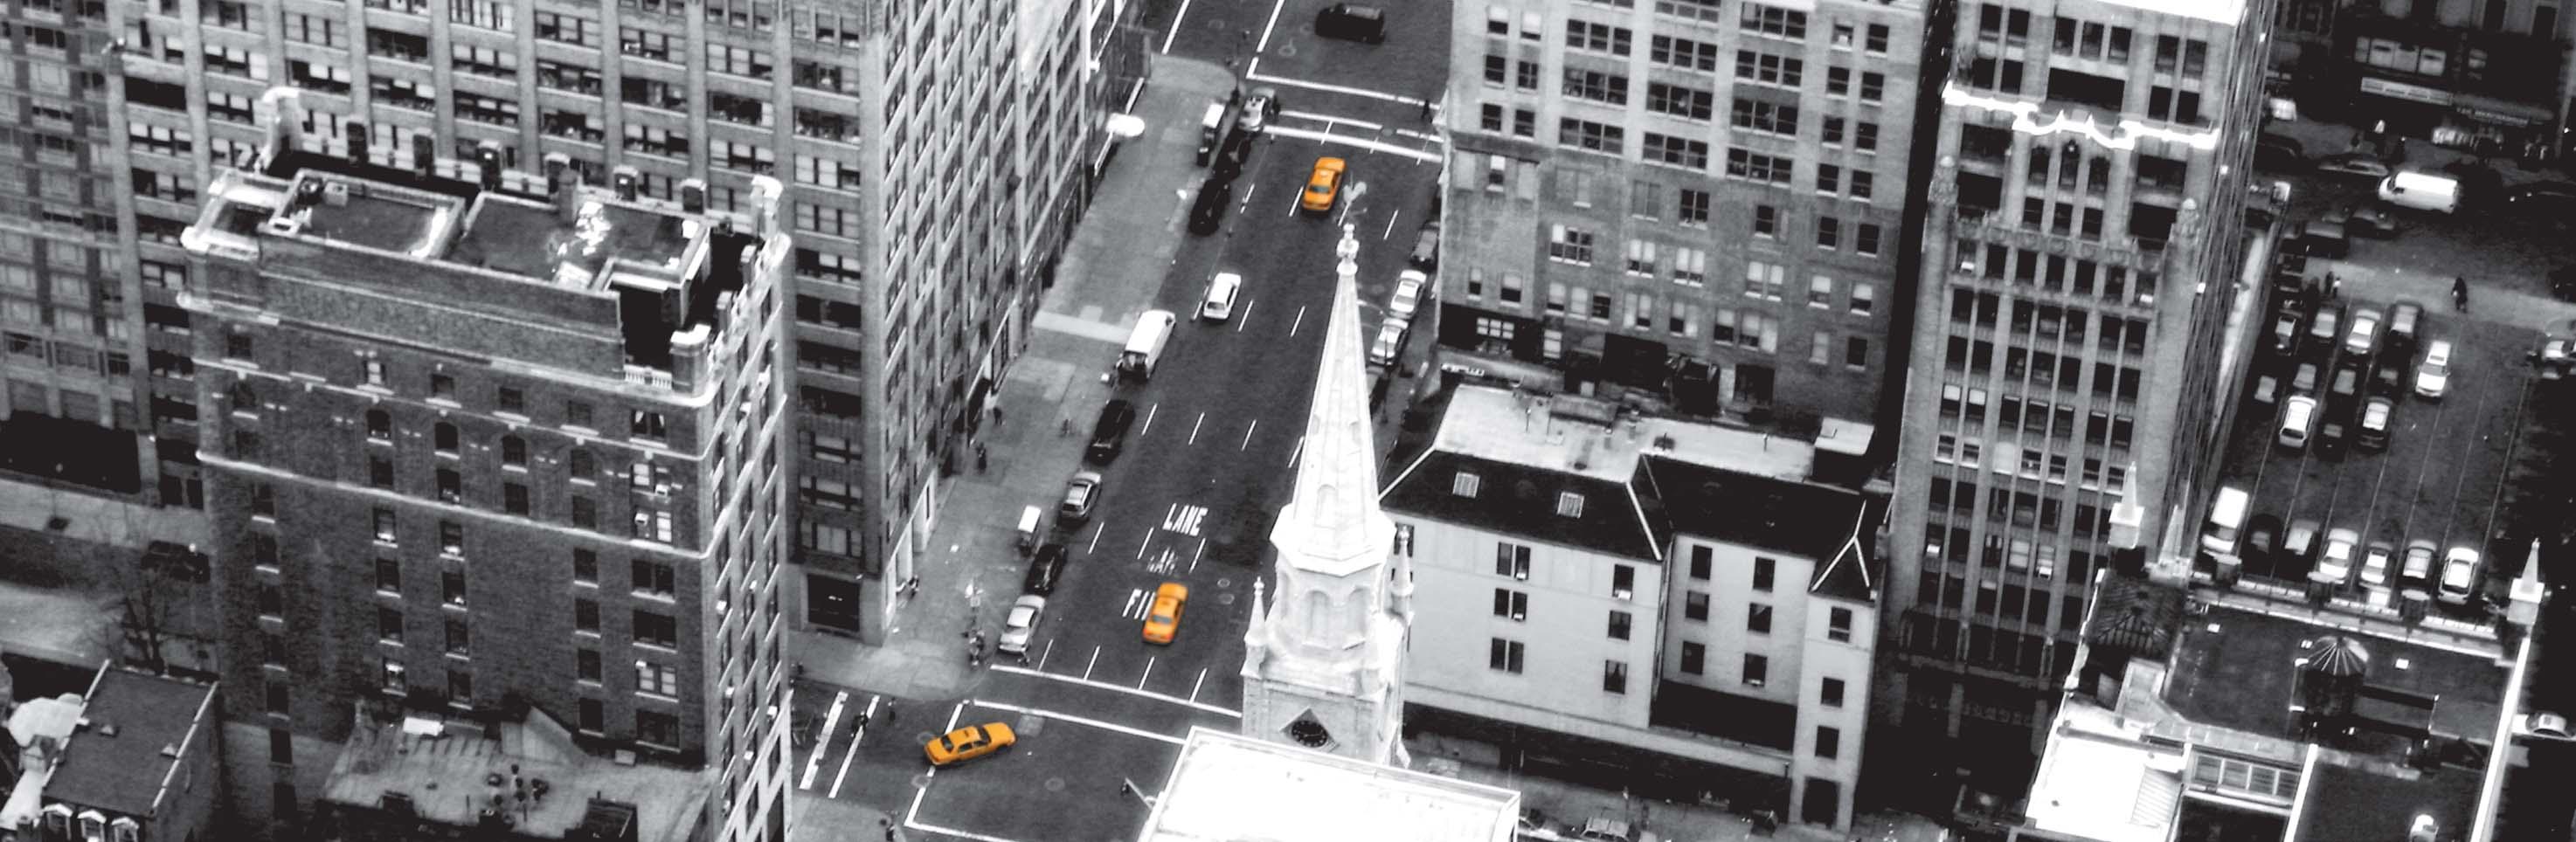 taxis2.jpg